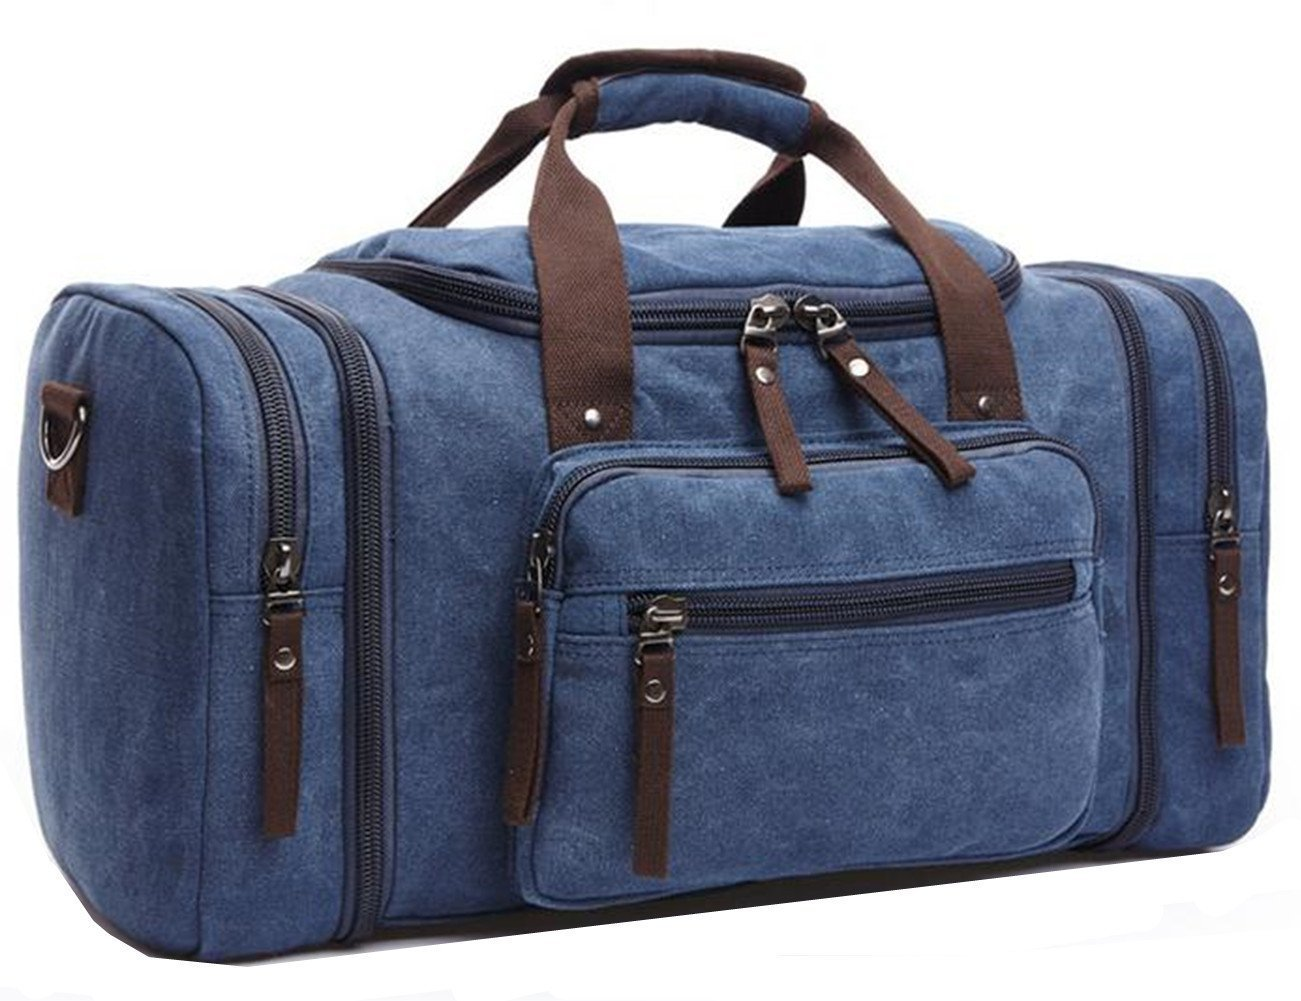 Reisetasche blau